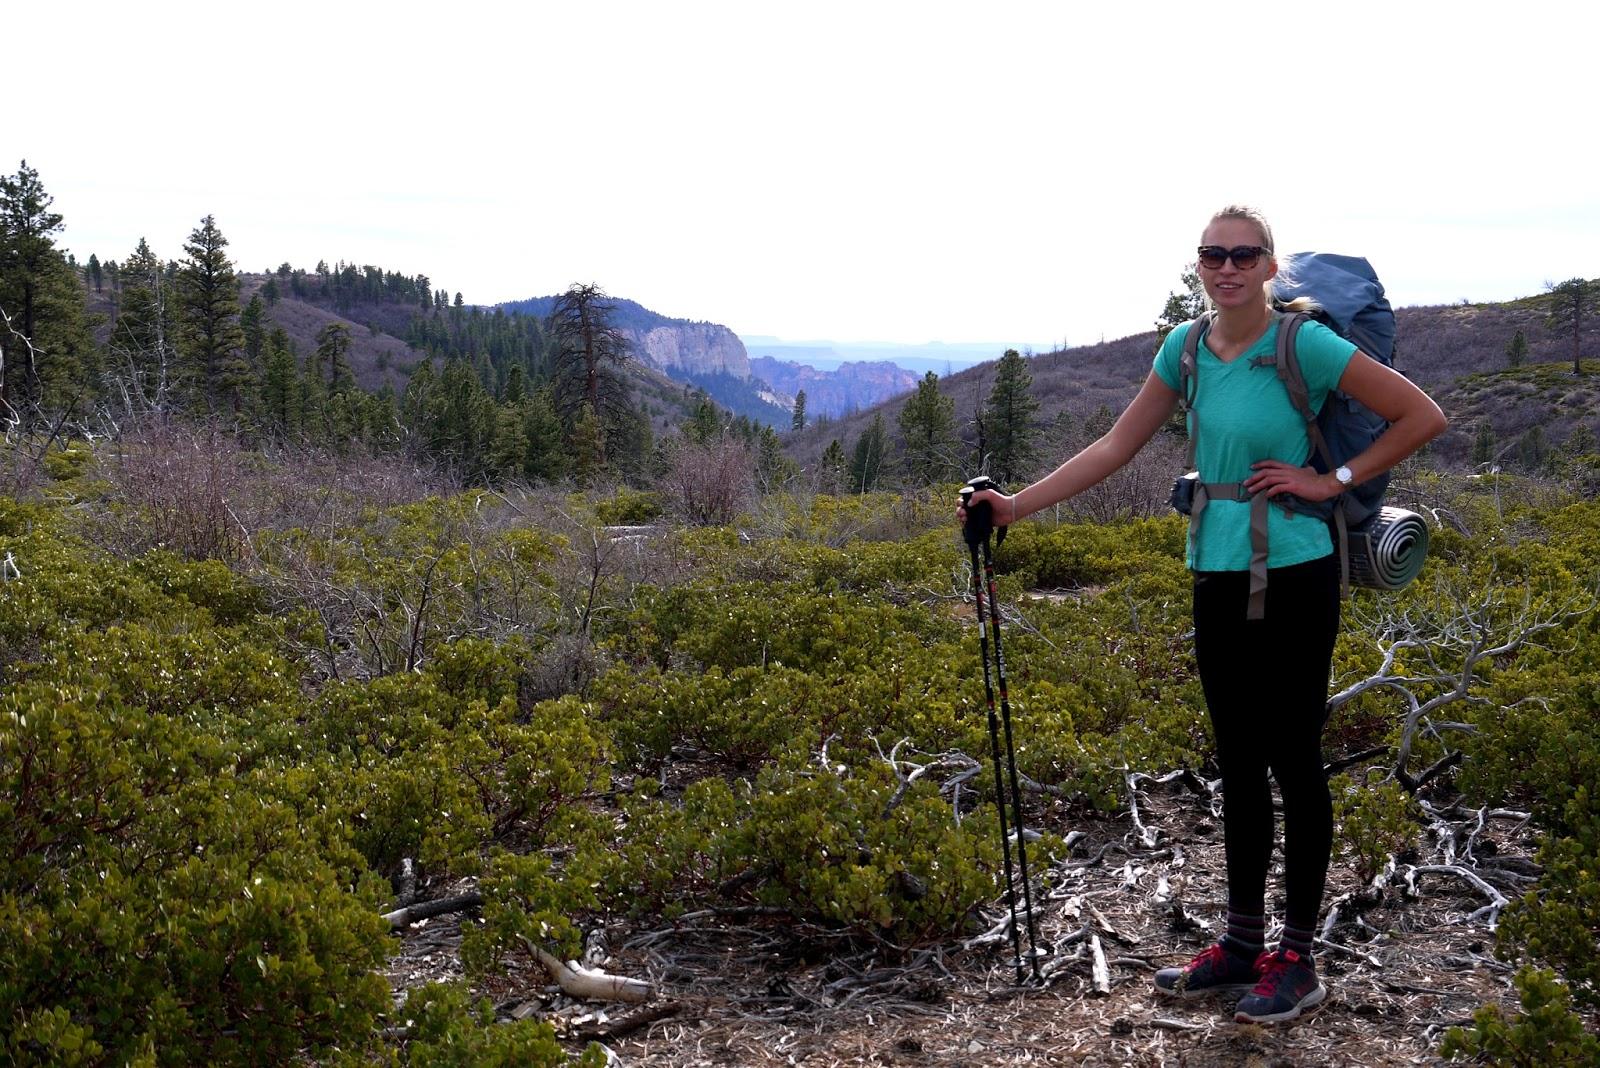 Zion National Park, Utah, West Rim Trail